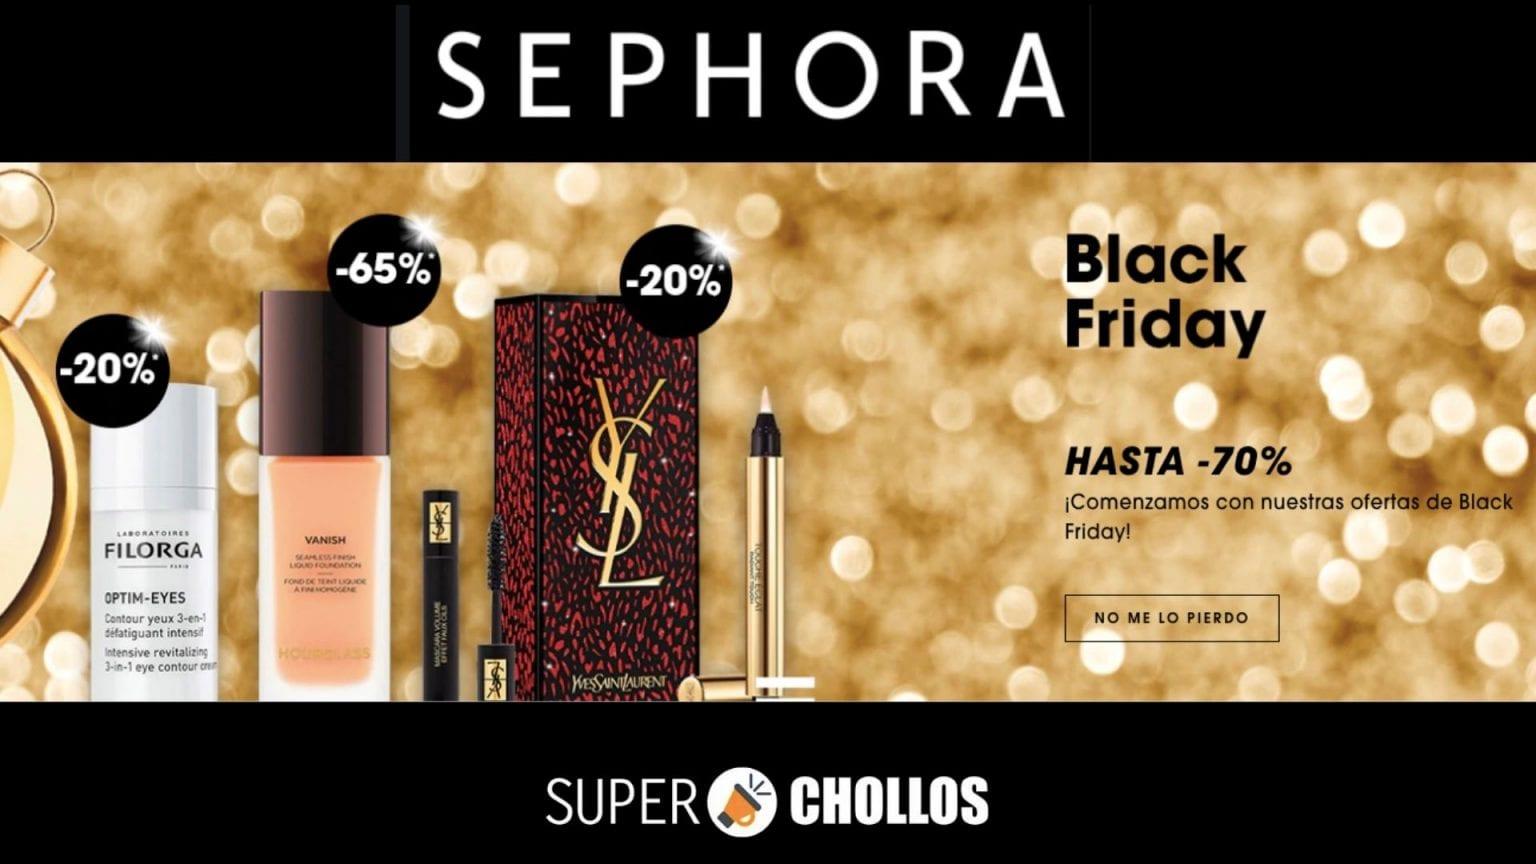 black friday sephora SuperChollos